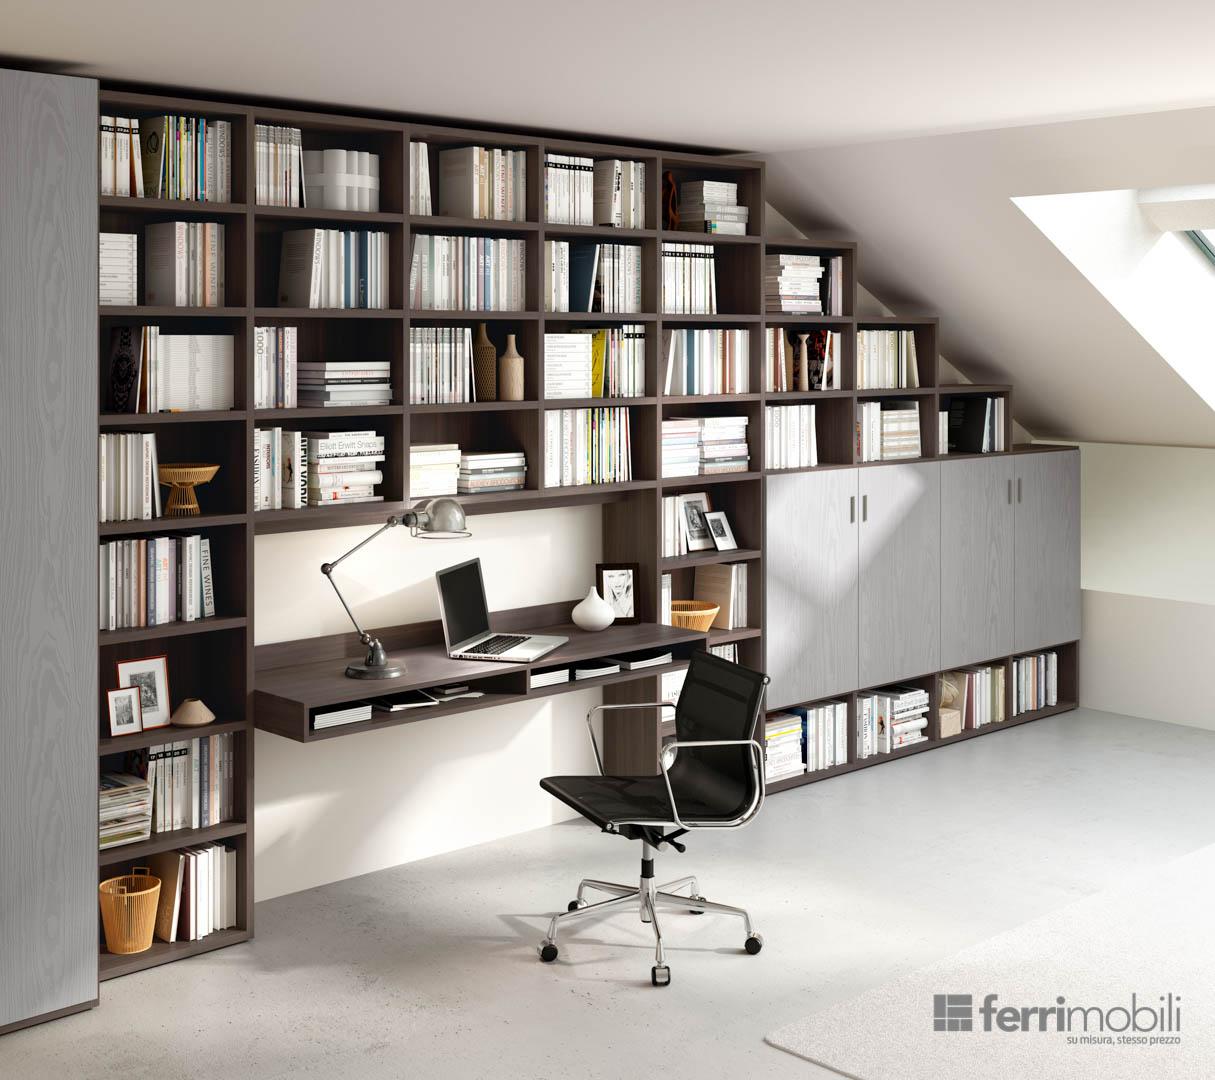 Prezzo Libreria Su Misura.Librerie Living 72 Libreria Ferrimobili